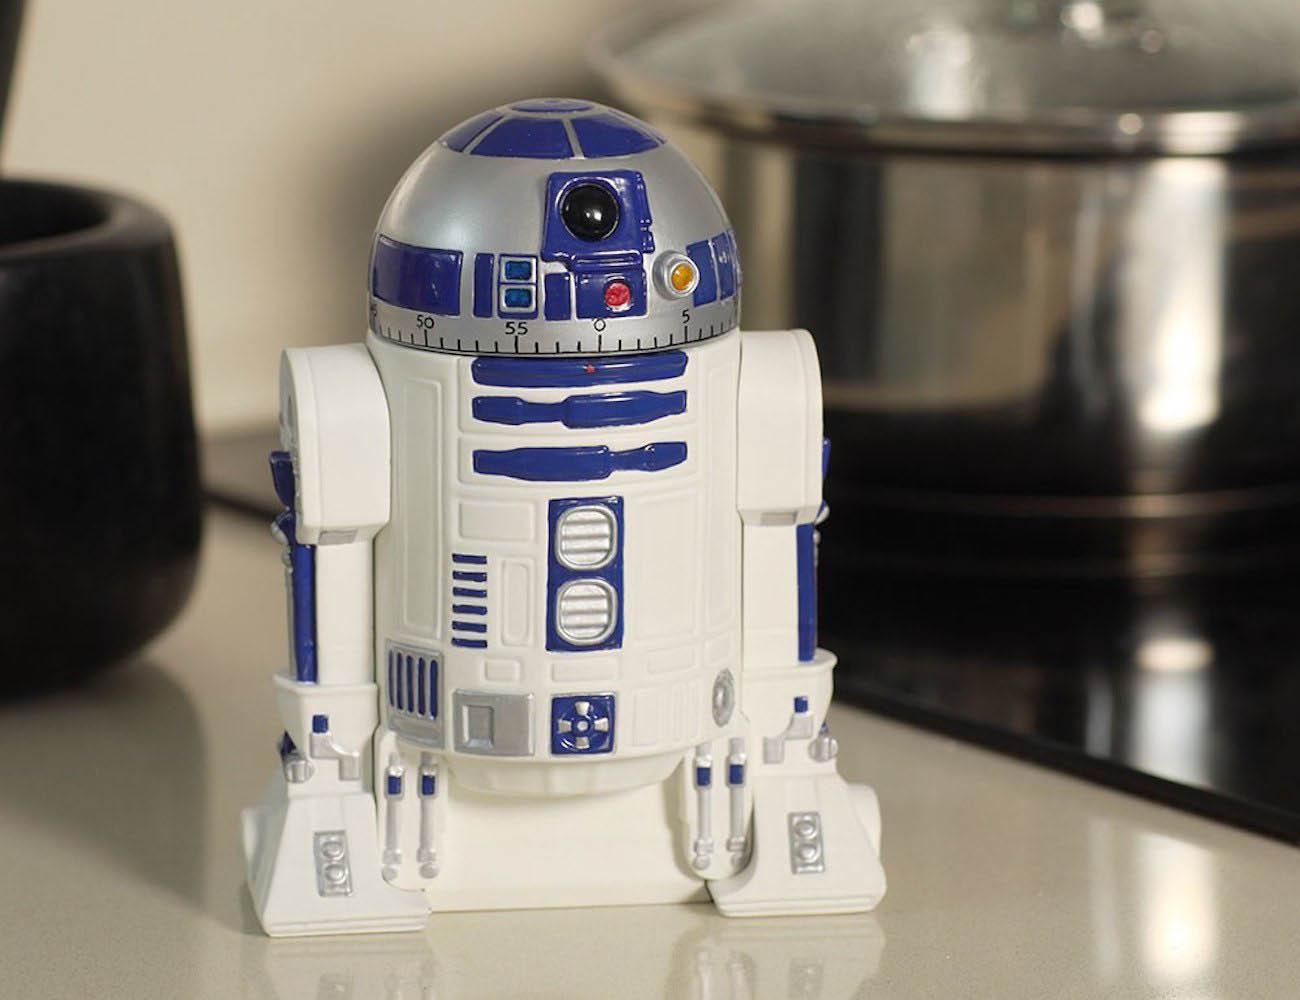 Star+Wars+R2D2+Kitchen+Timer